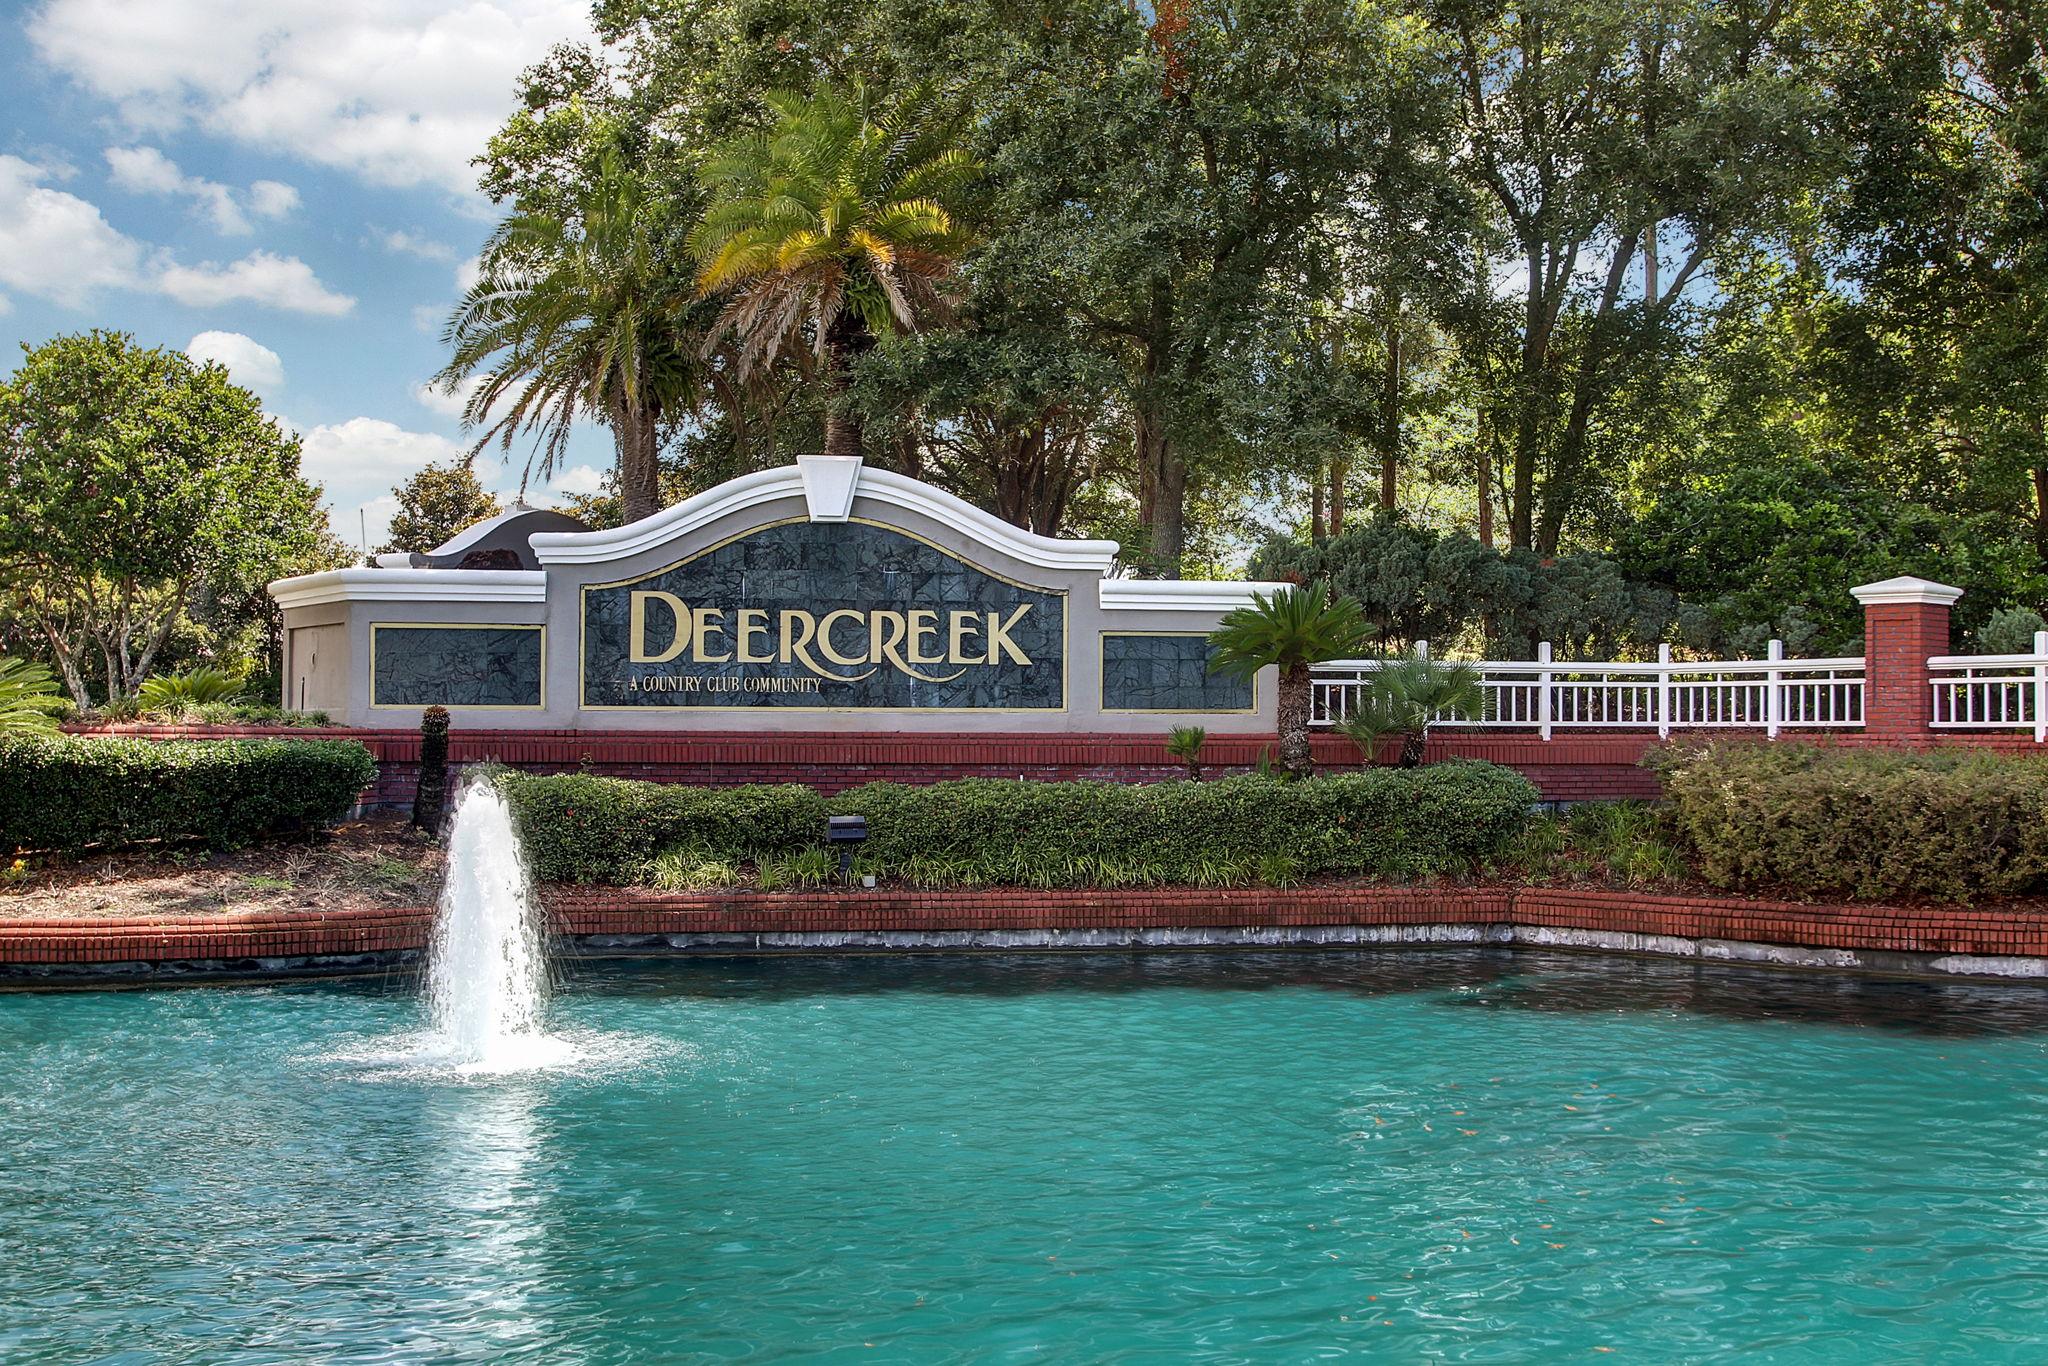 Deercreek